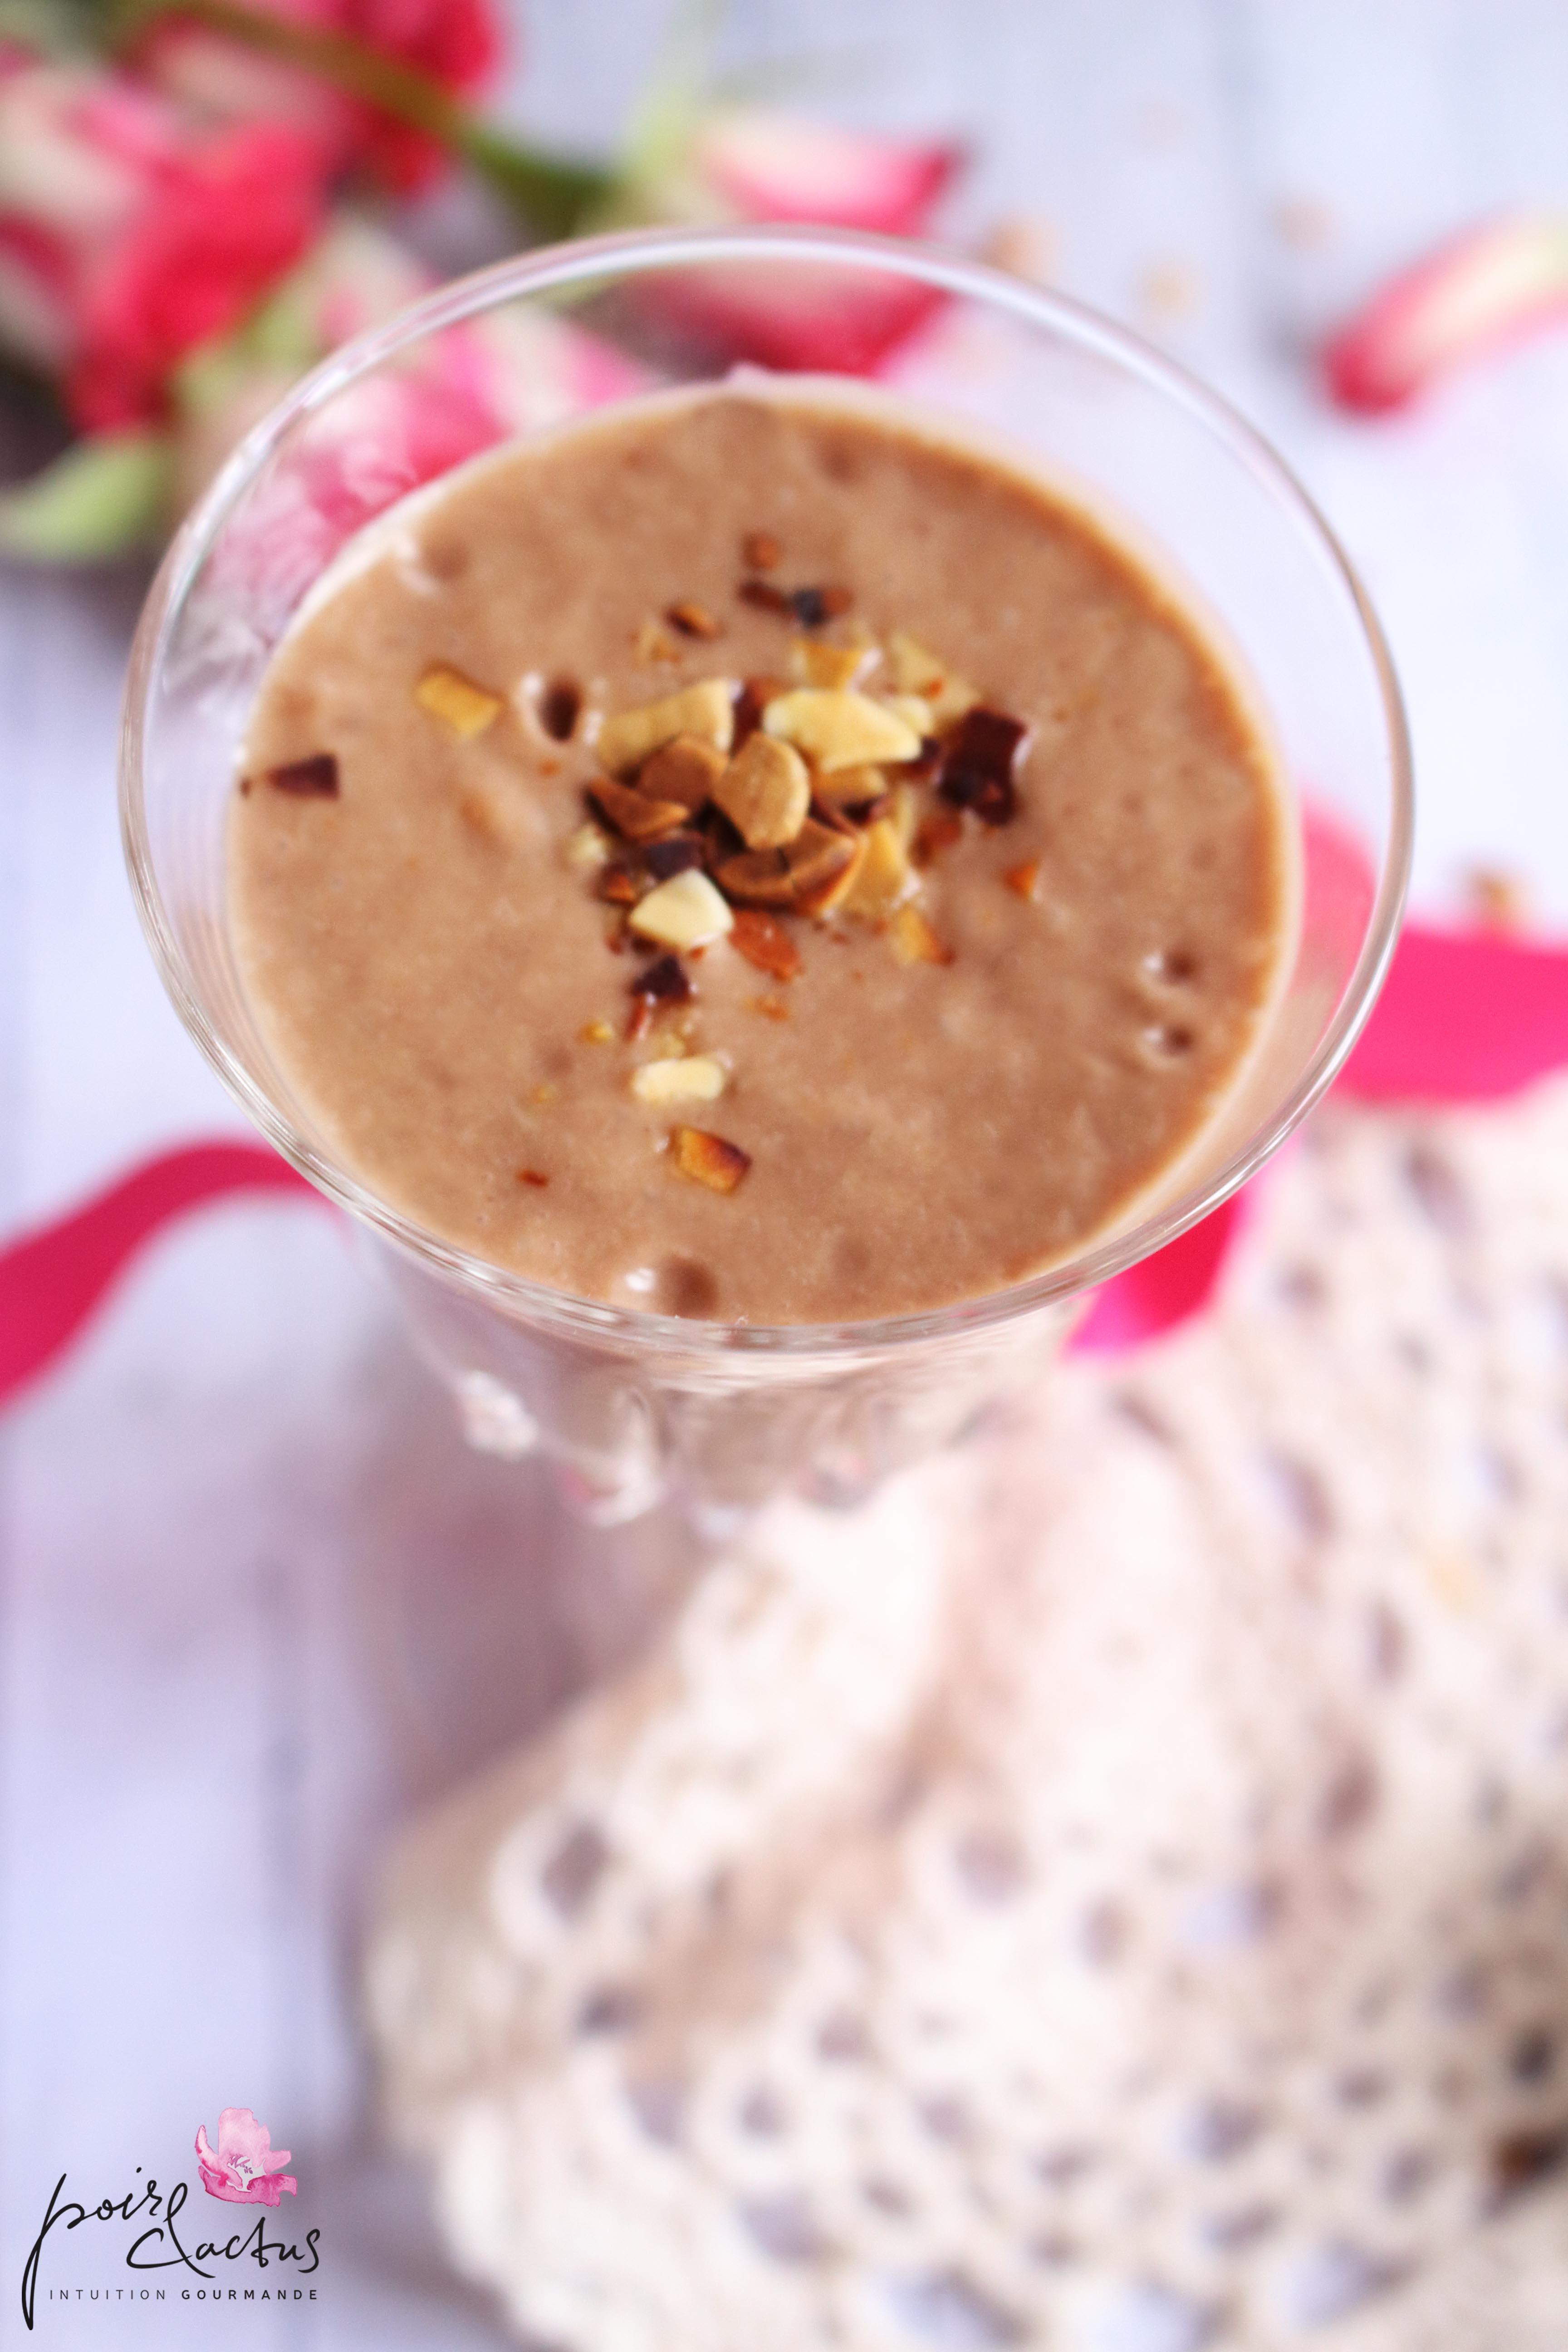 recette_milk_shake_poiretcactus3